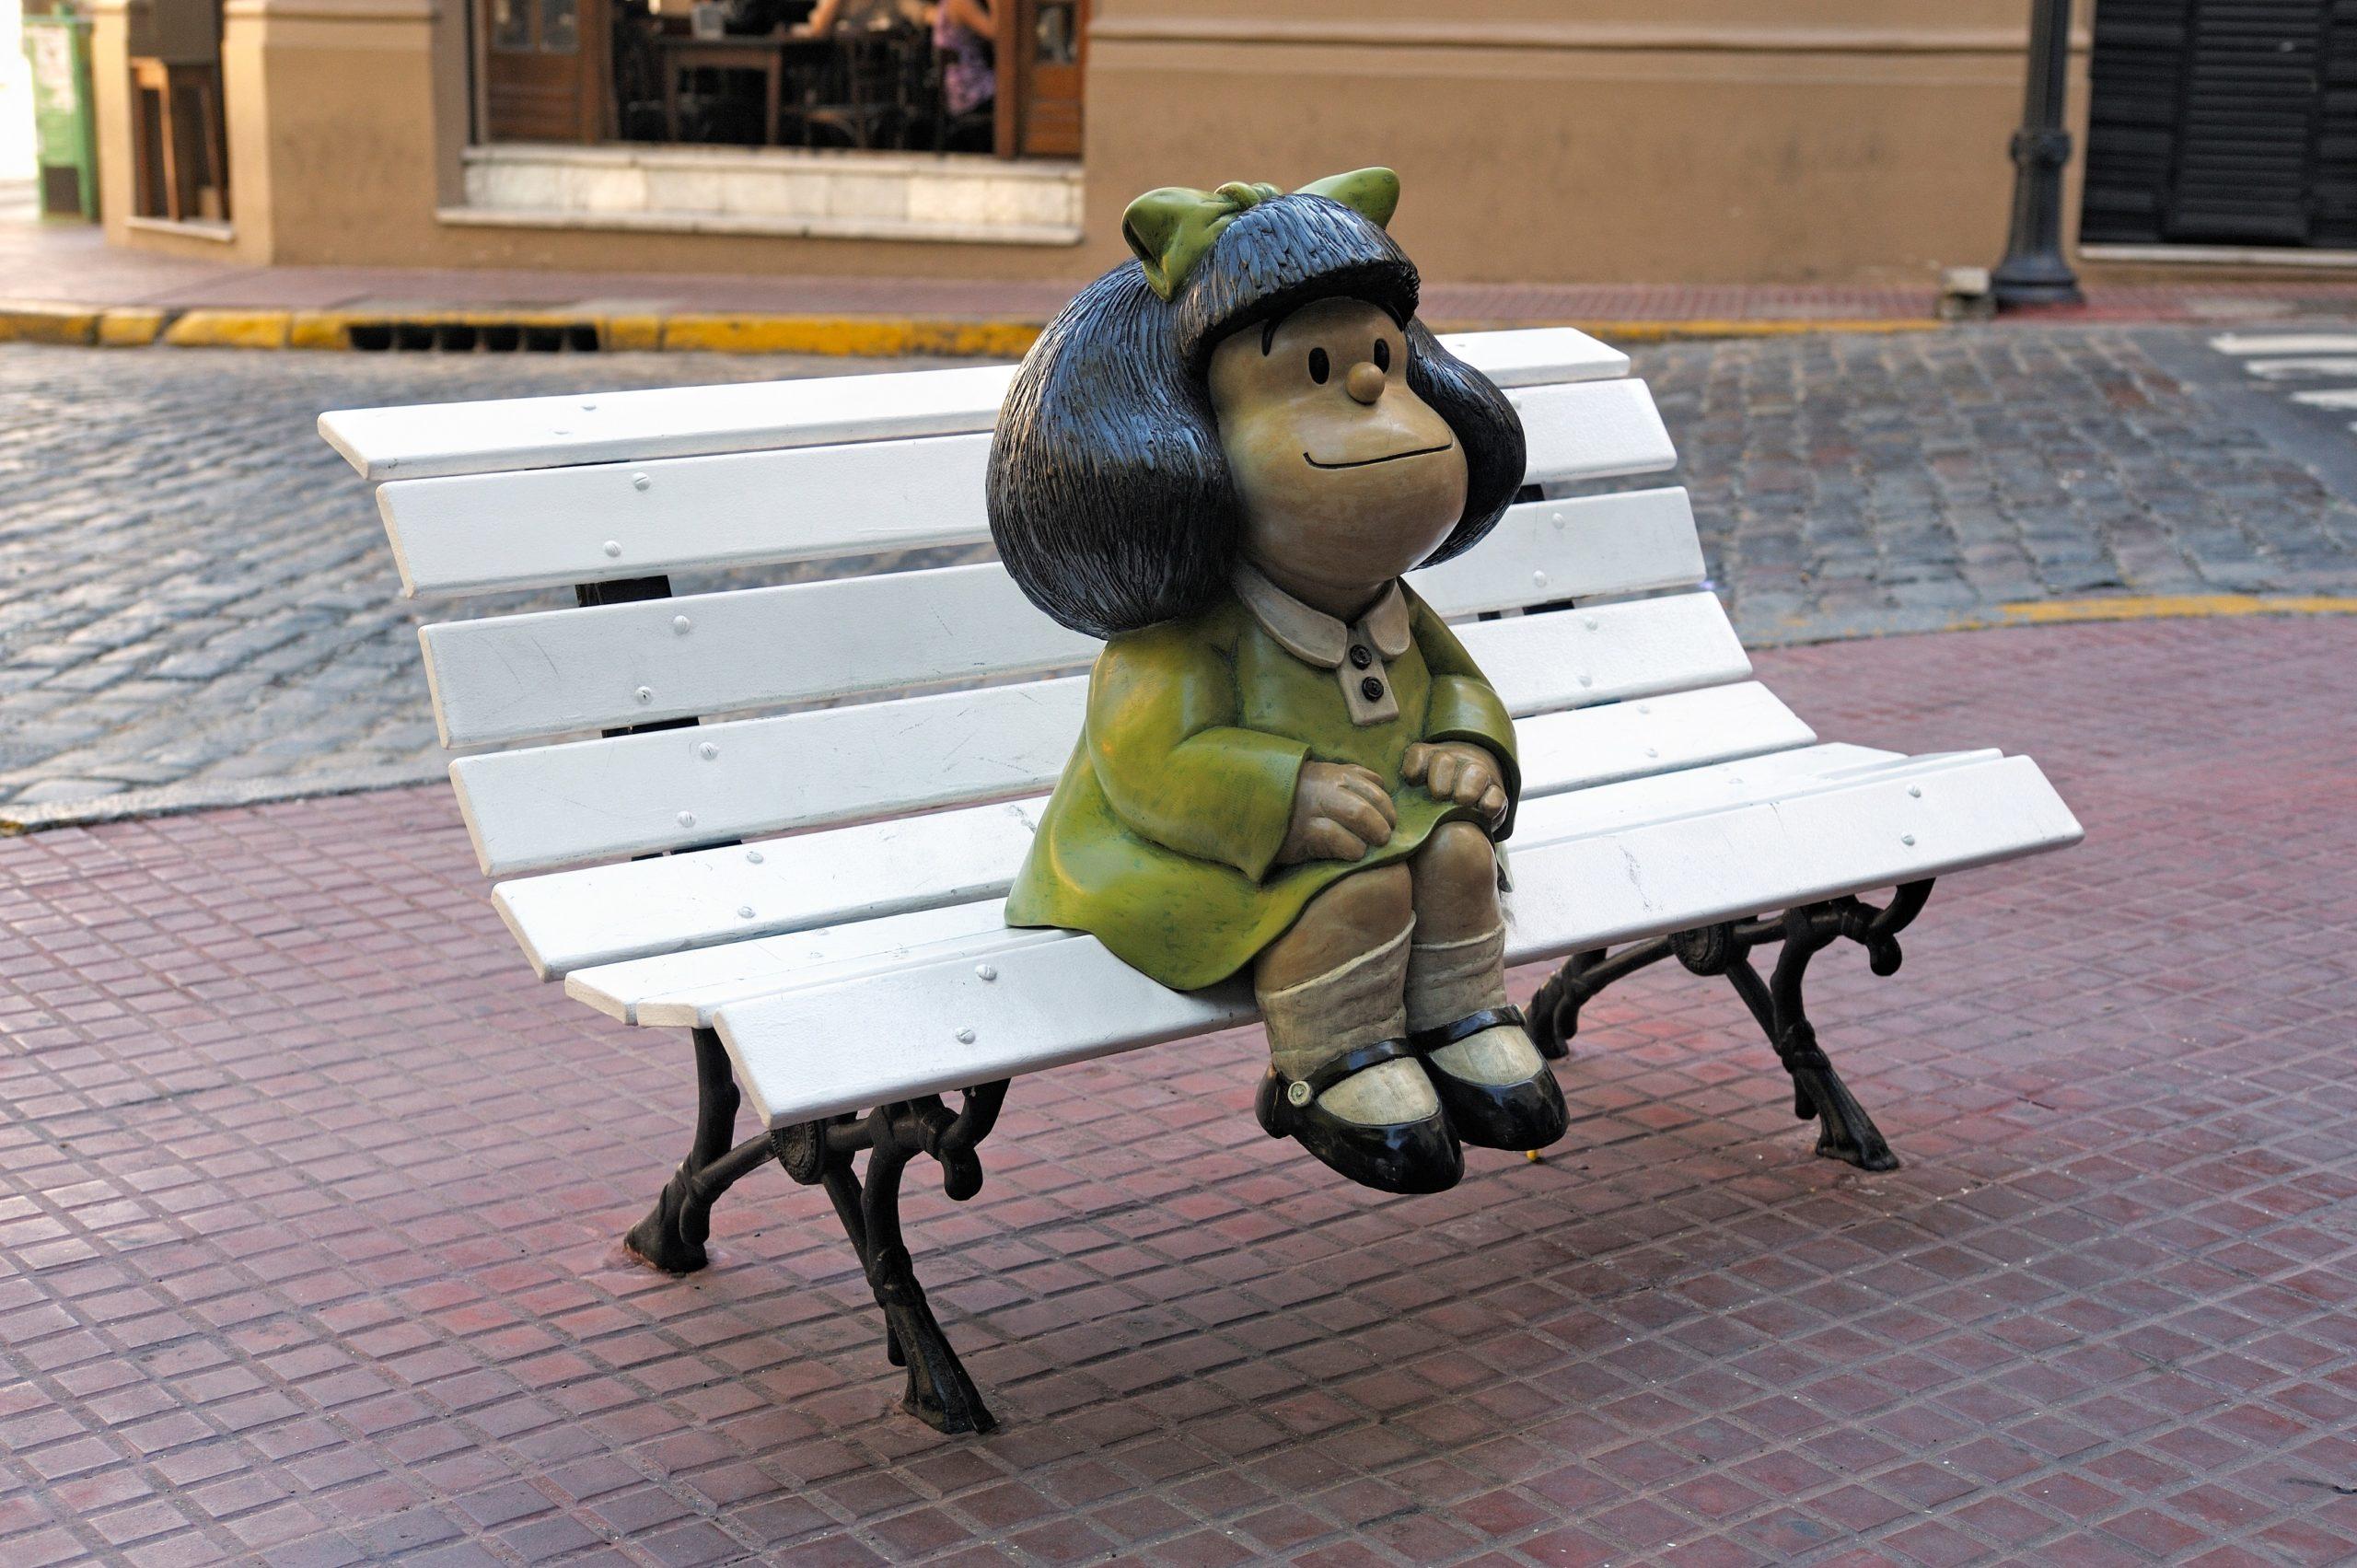 Statue of Mafalda in San Telmo, Buenos Aires, Argentina.